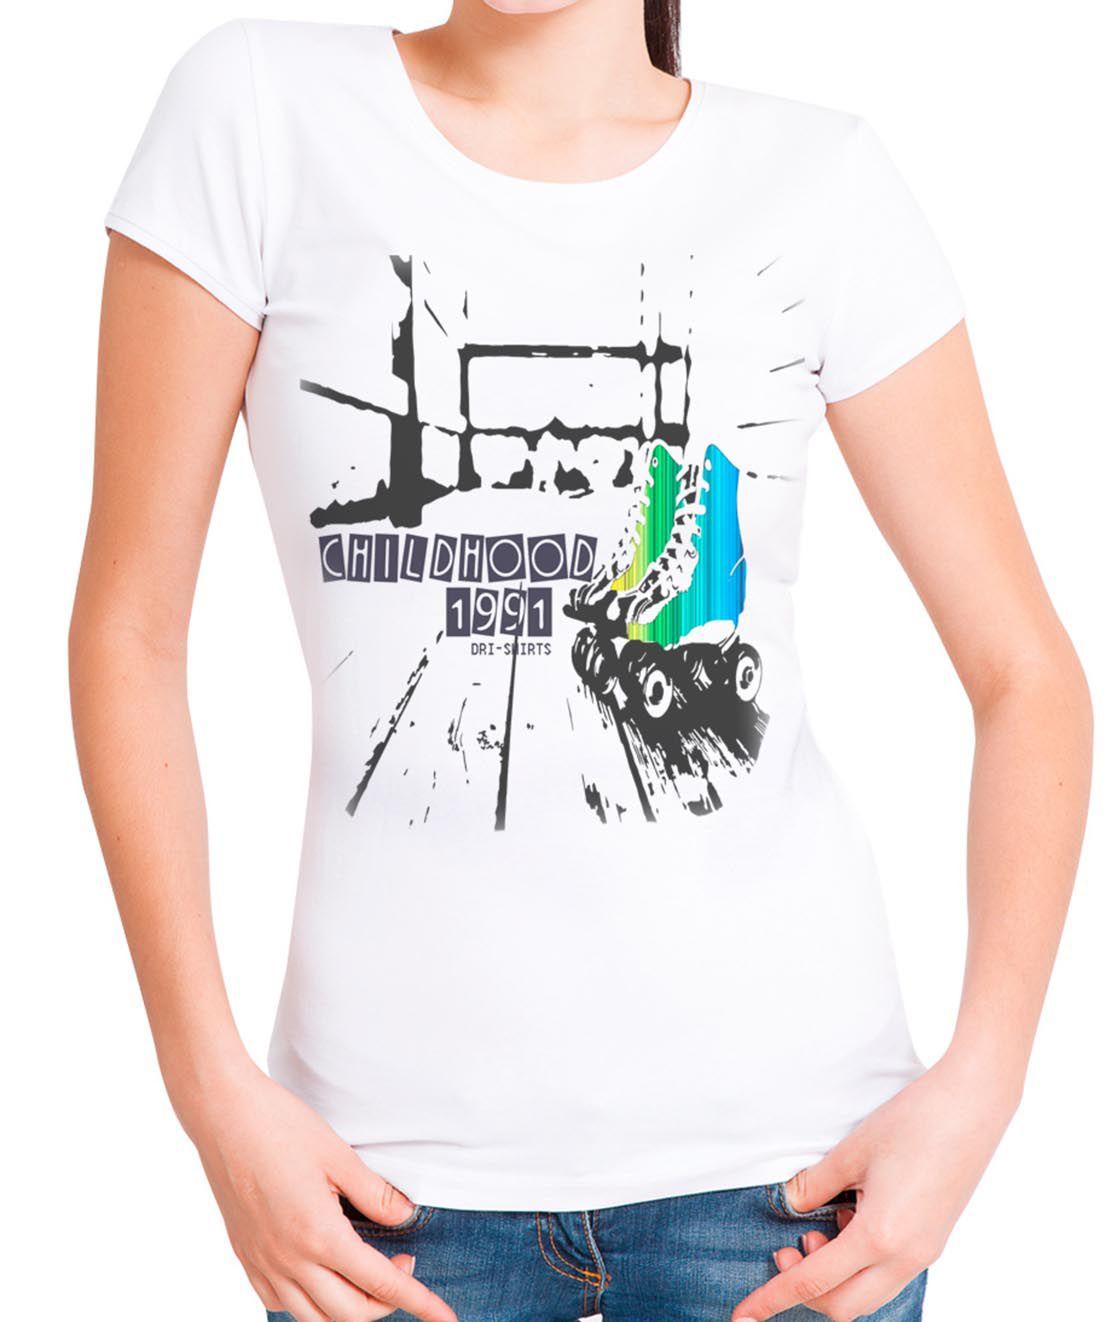 Blusa T-Shirt OutletDri Estampa ChildHooD Roller Branca